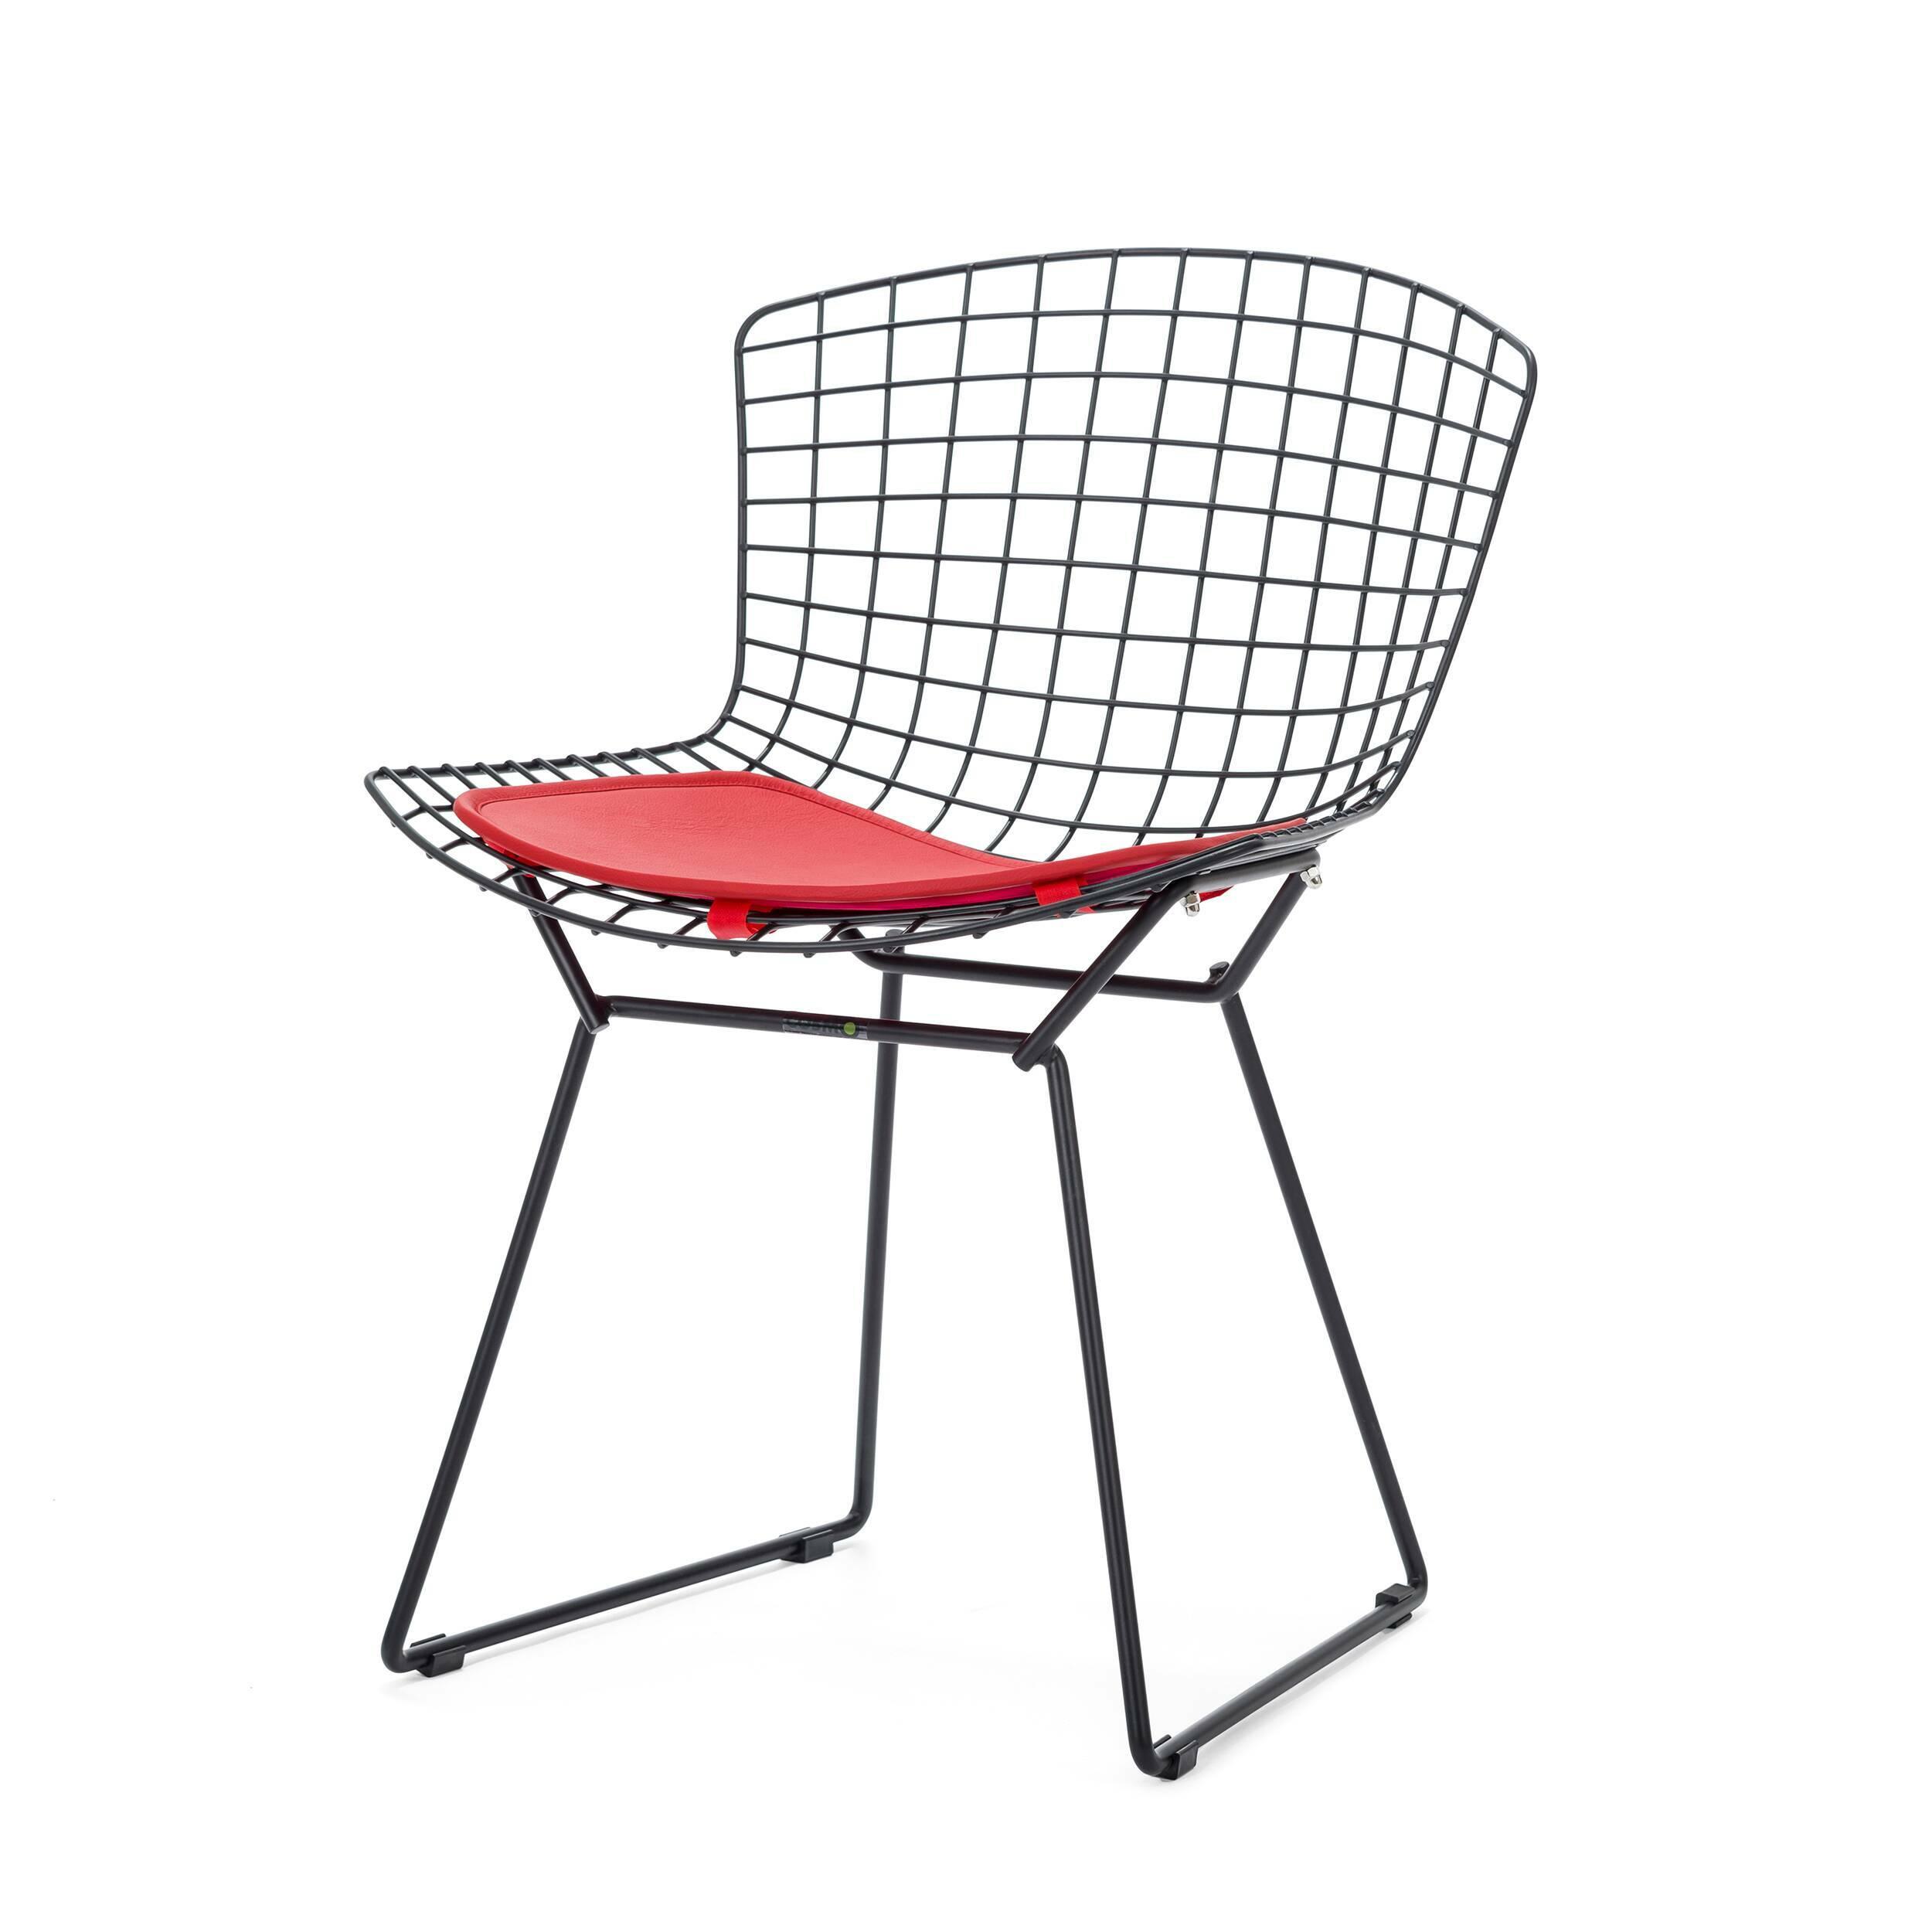 Стул Bertoia Side кожаный StandartИнтерьерные<br>Дизайнерский стул Bertoia Side Standart (Бертола Сайд Стандар) из тонких стальных прутьев с сиденьем из кожи от Cosmo (Космо).<br>Стул Bertoia Side кожаный Standart разработан в 1952 году дизайнером Гарри Бертойей и был частью его коллекции. Это икона современного дизайна середины прошлого века. Обладая сильной эстетической привлекательностью, его стул широко использовался другими дизайнерами, такими как Ээро Сааринен в Массачусетском технологическом институте и в здании Международного аэропорт...<br><br>stock: 0<br>Высота: 74<br>Высота сиденья: 44<br>Ширина: 52,5<br>Глубина: 58<br>Тип материала каркаса: Сталь нержавеющя<br>Цвет сидения: Красный<br>Тип материала сидения: Кожа<br>Коллекция ткани: Standart Leather<br>Цвет каркаса: Черный